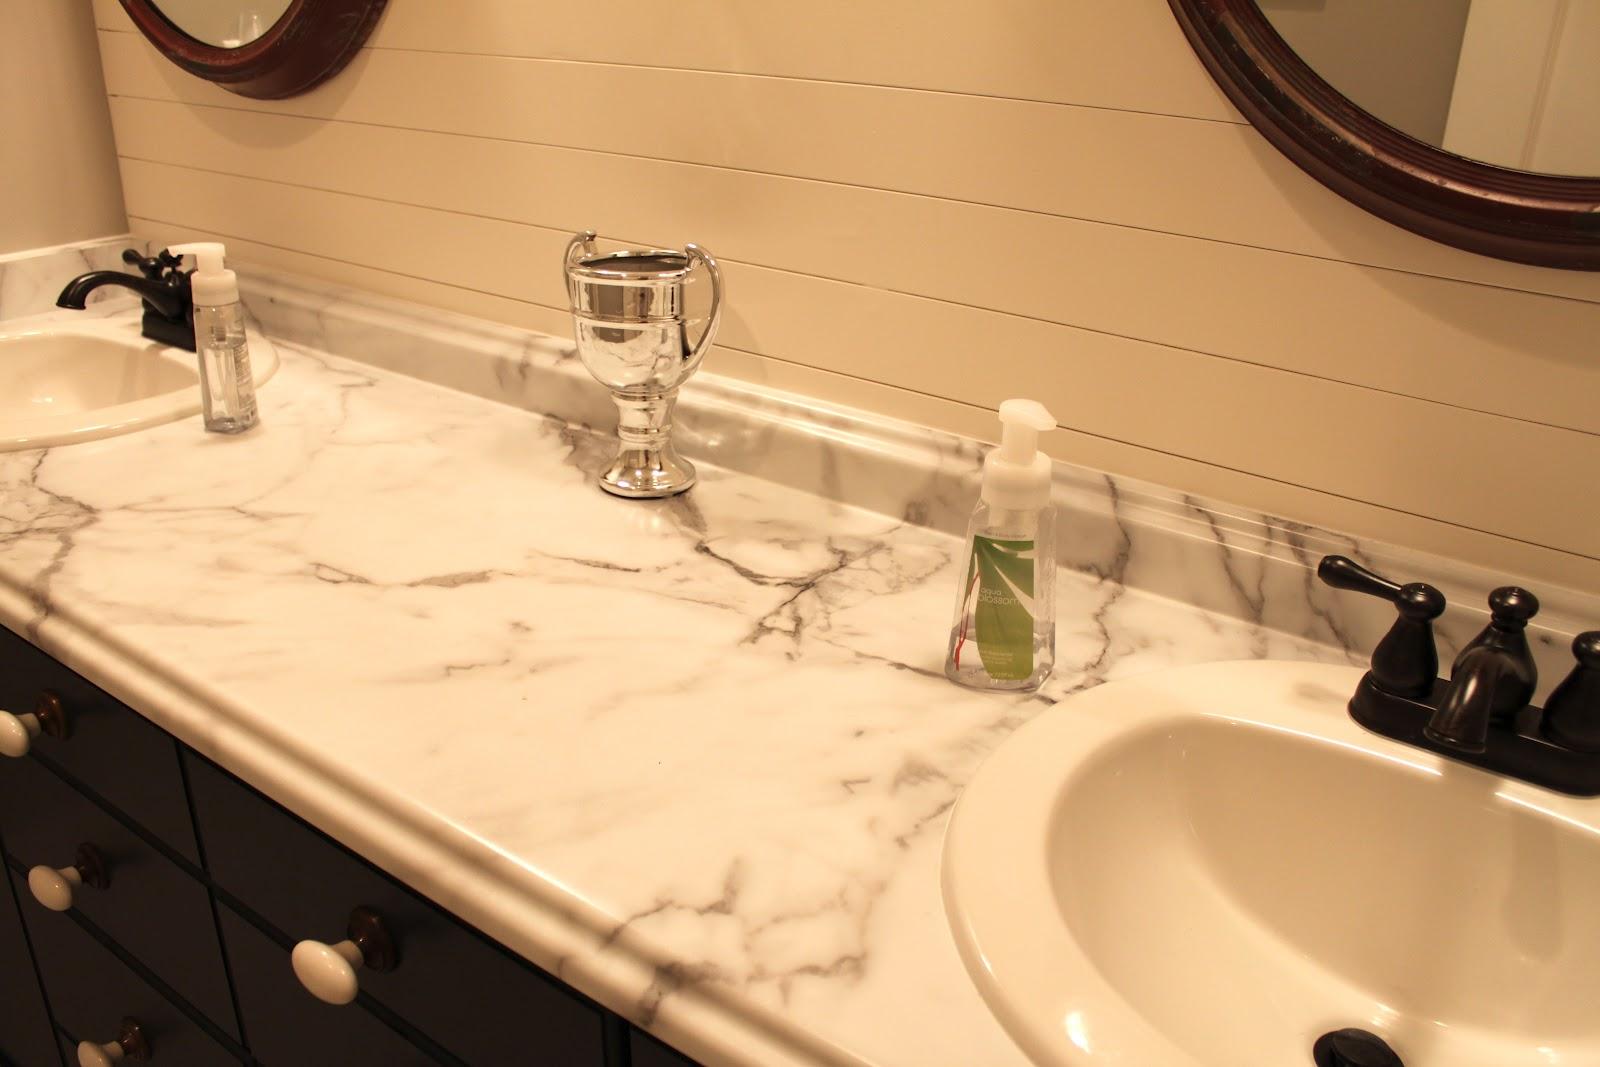 Formica bathroom countertops - Downstairs Bathroom Transformation